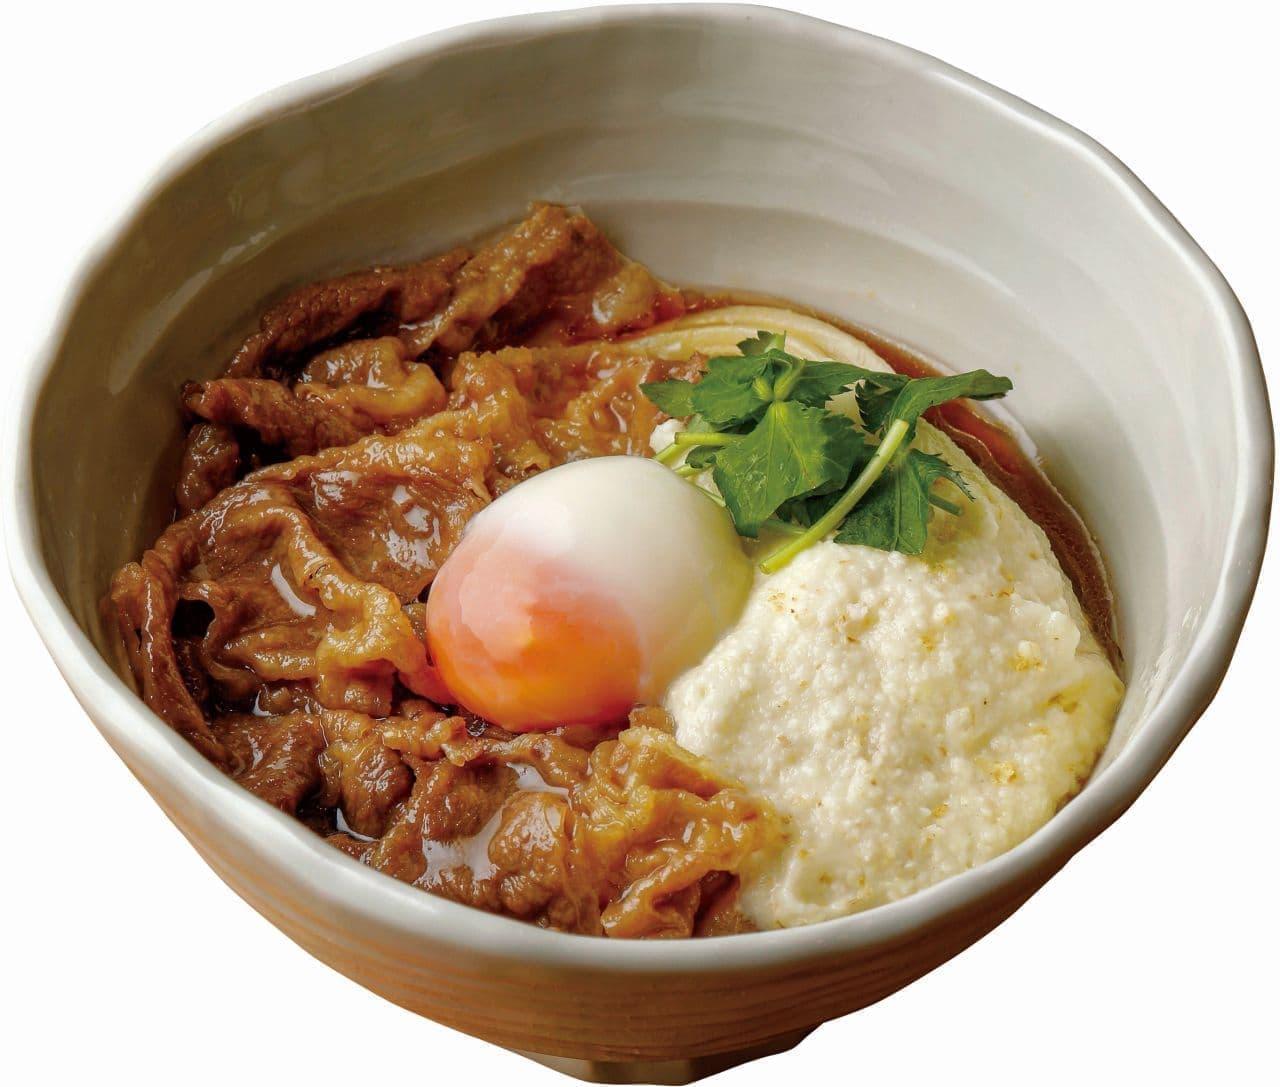 丸亀製麺「神戸牛と大和芋のとろ玉うどん」